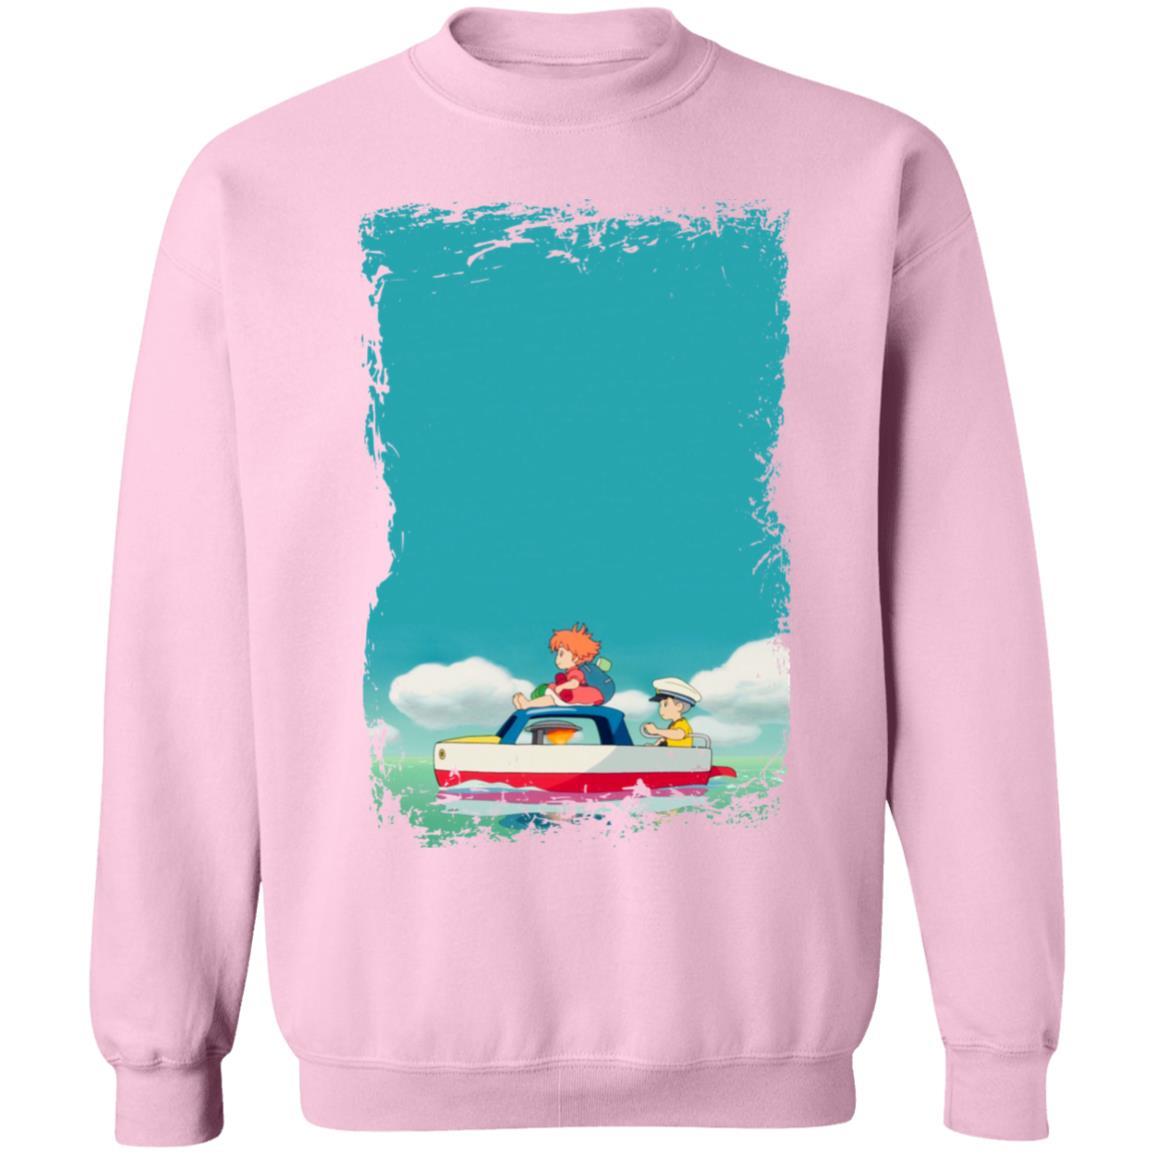 Ponyo and Sosuke on Boat Sweatshirt